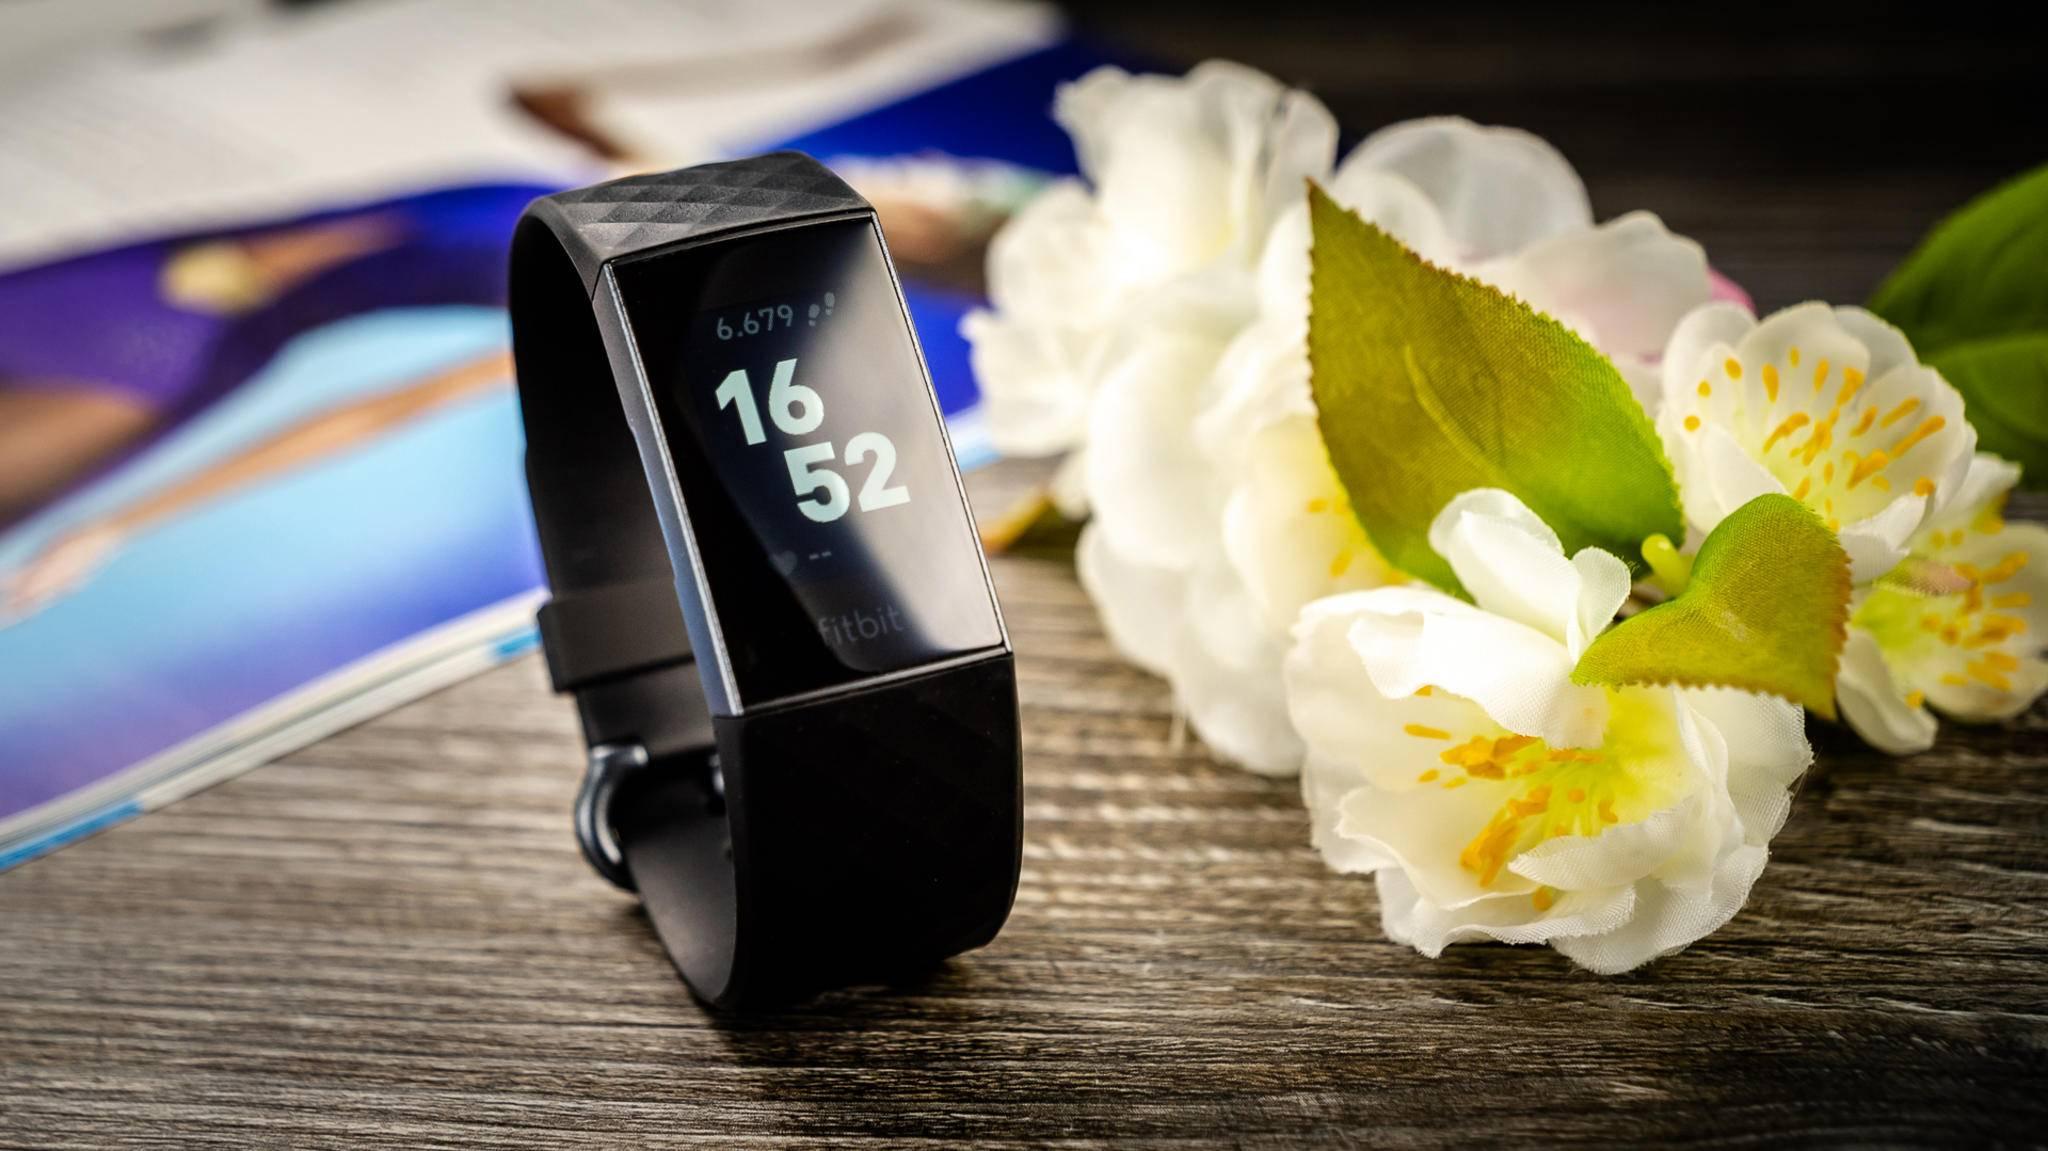 Der Fitbit Charge 4 soll genauso wie sein Vorgänger (Foto) aussehen.